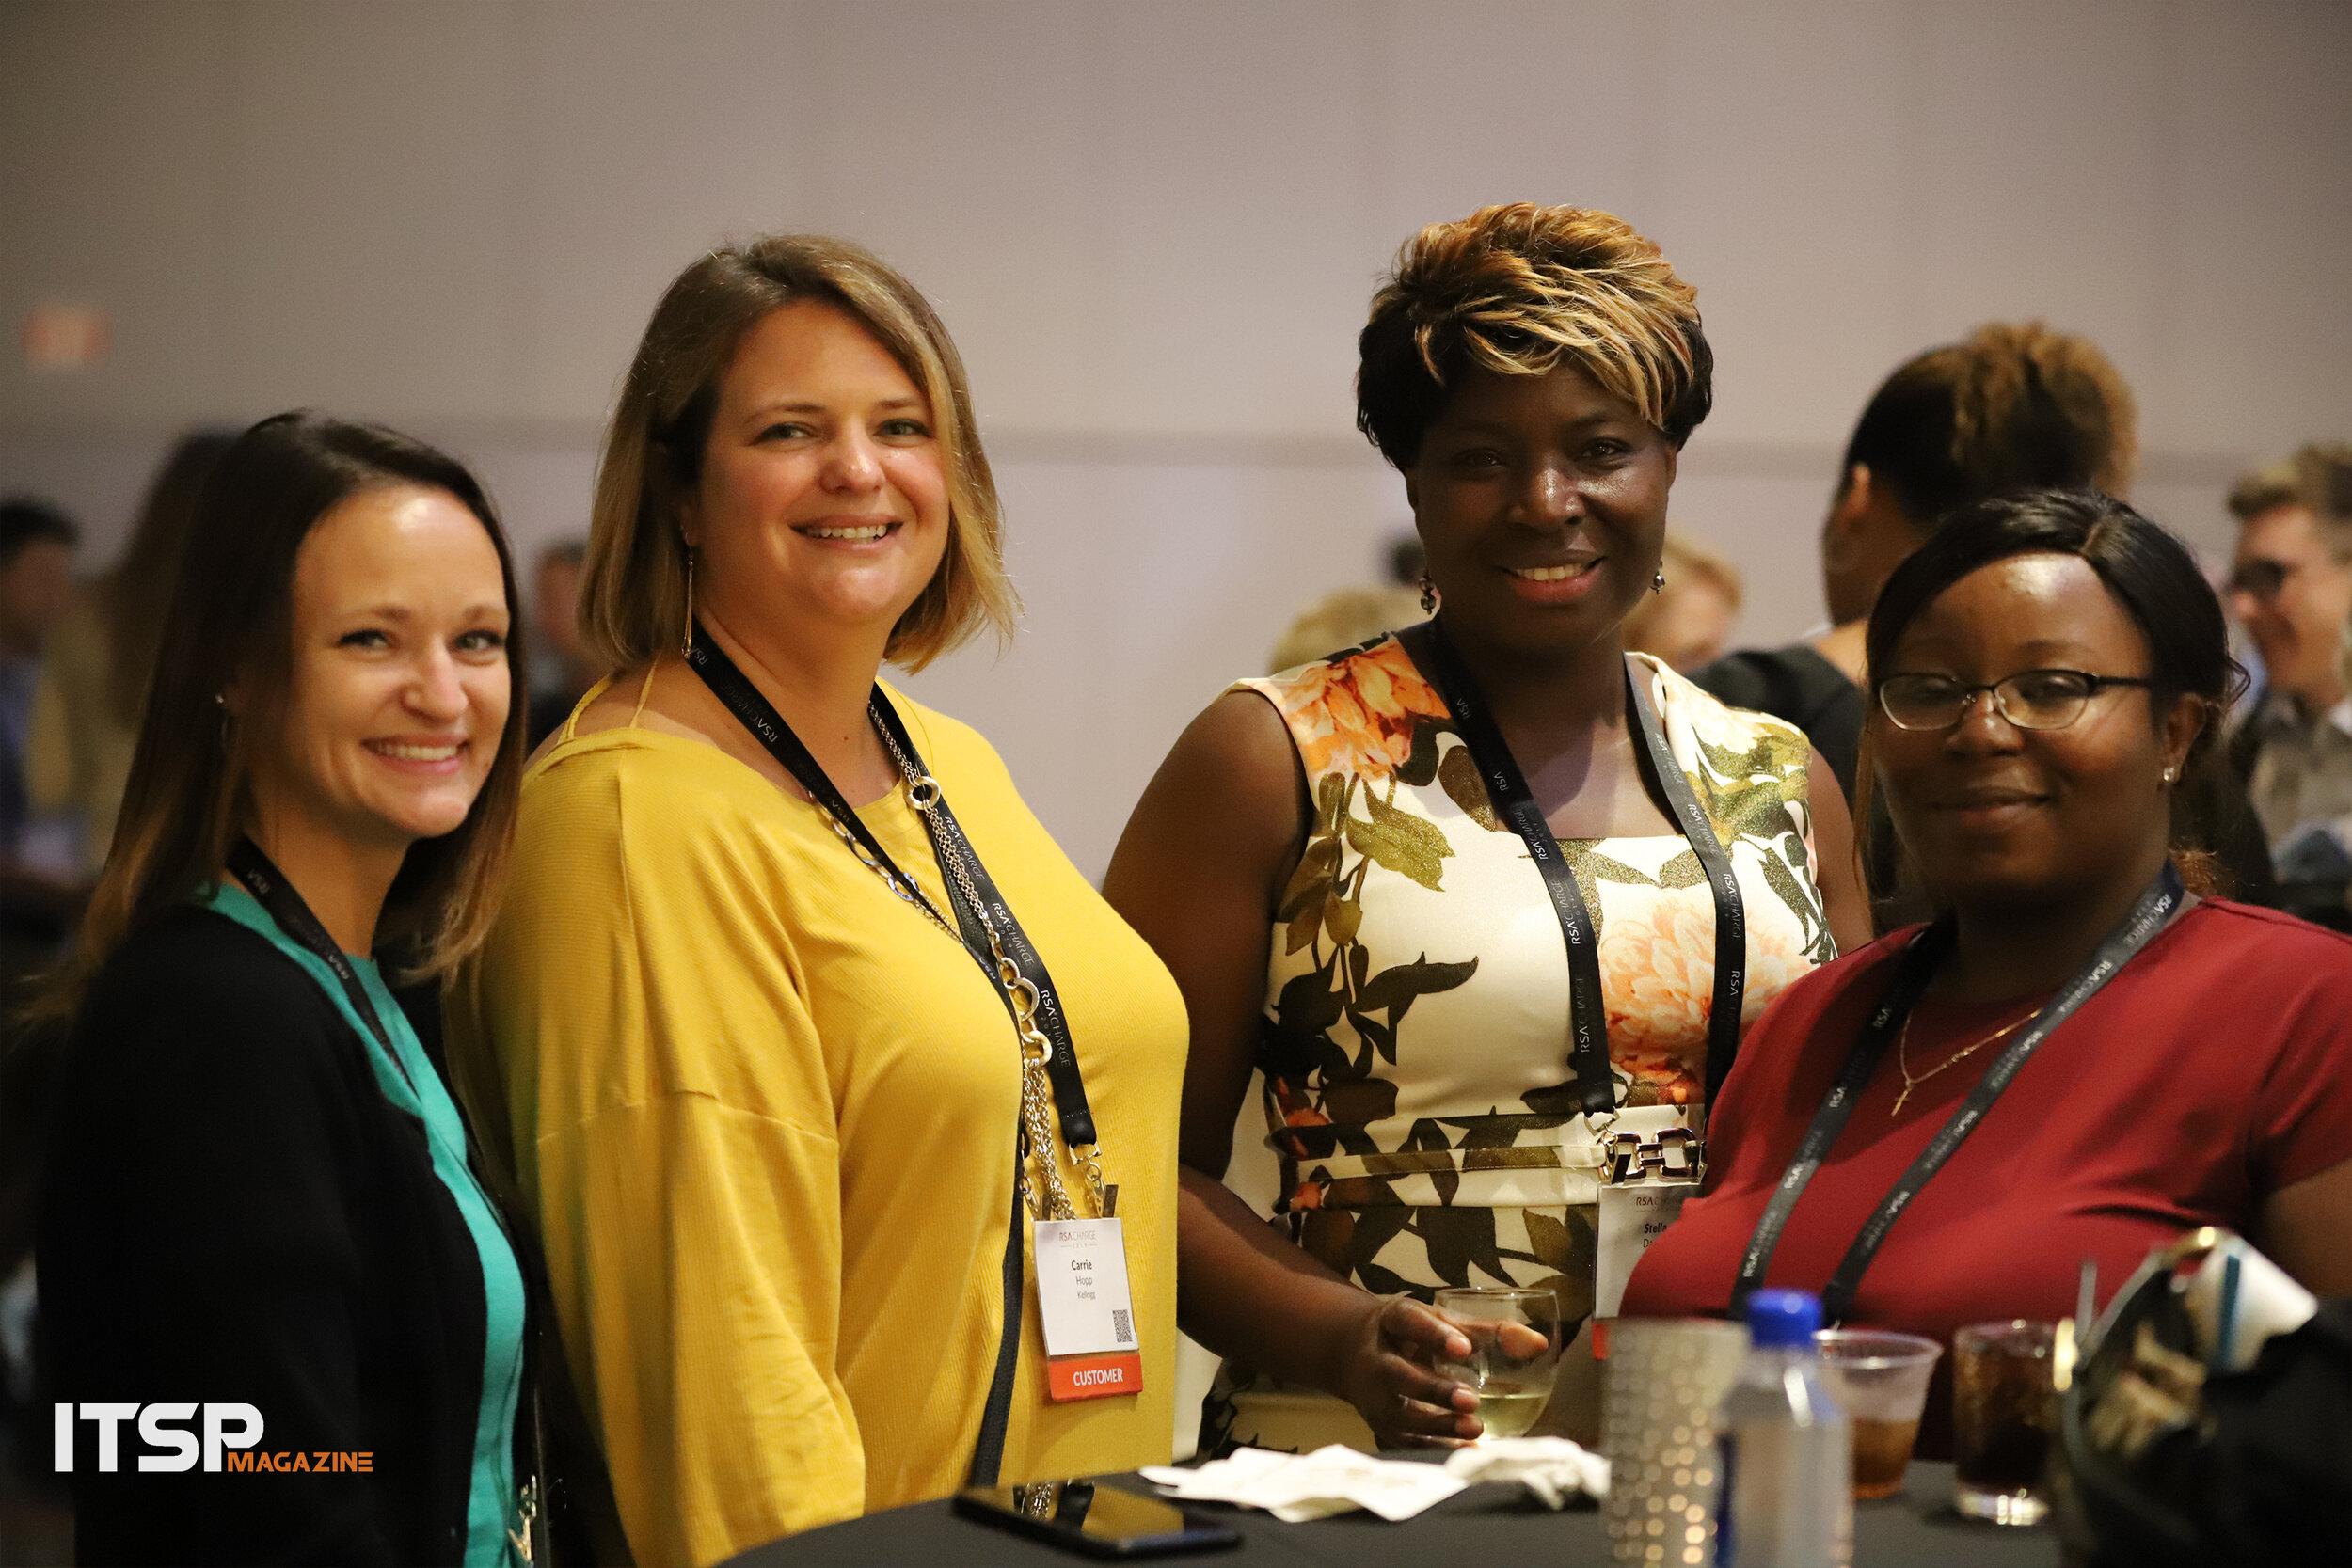 ITSPmagazine_RSASecurity-WomenCelebration13.jpg